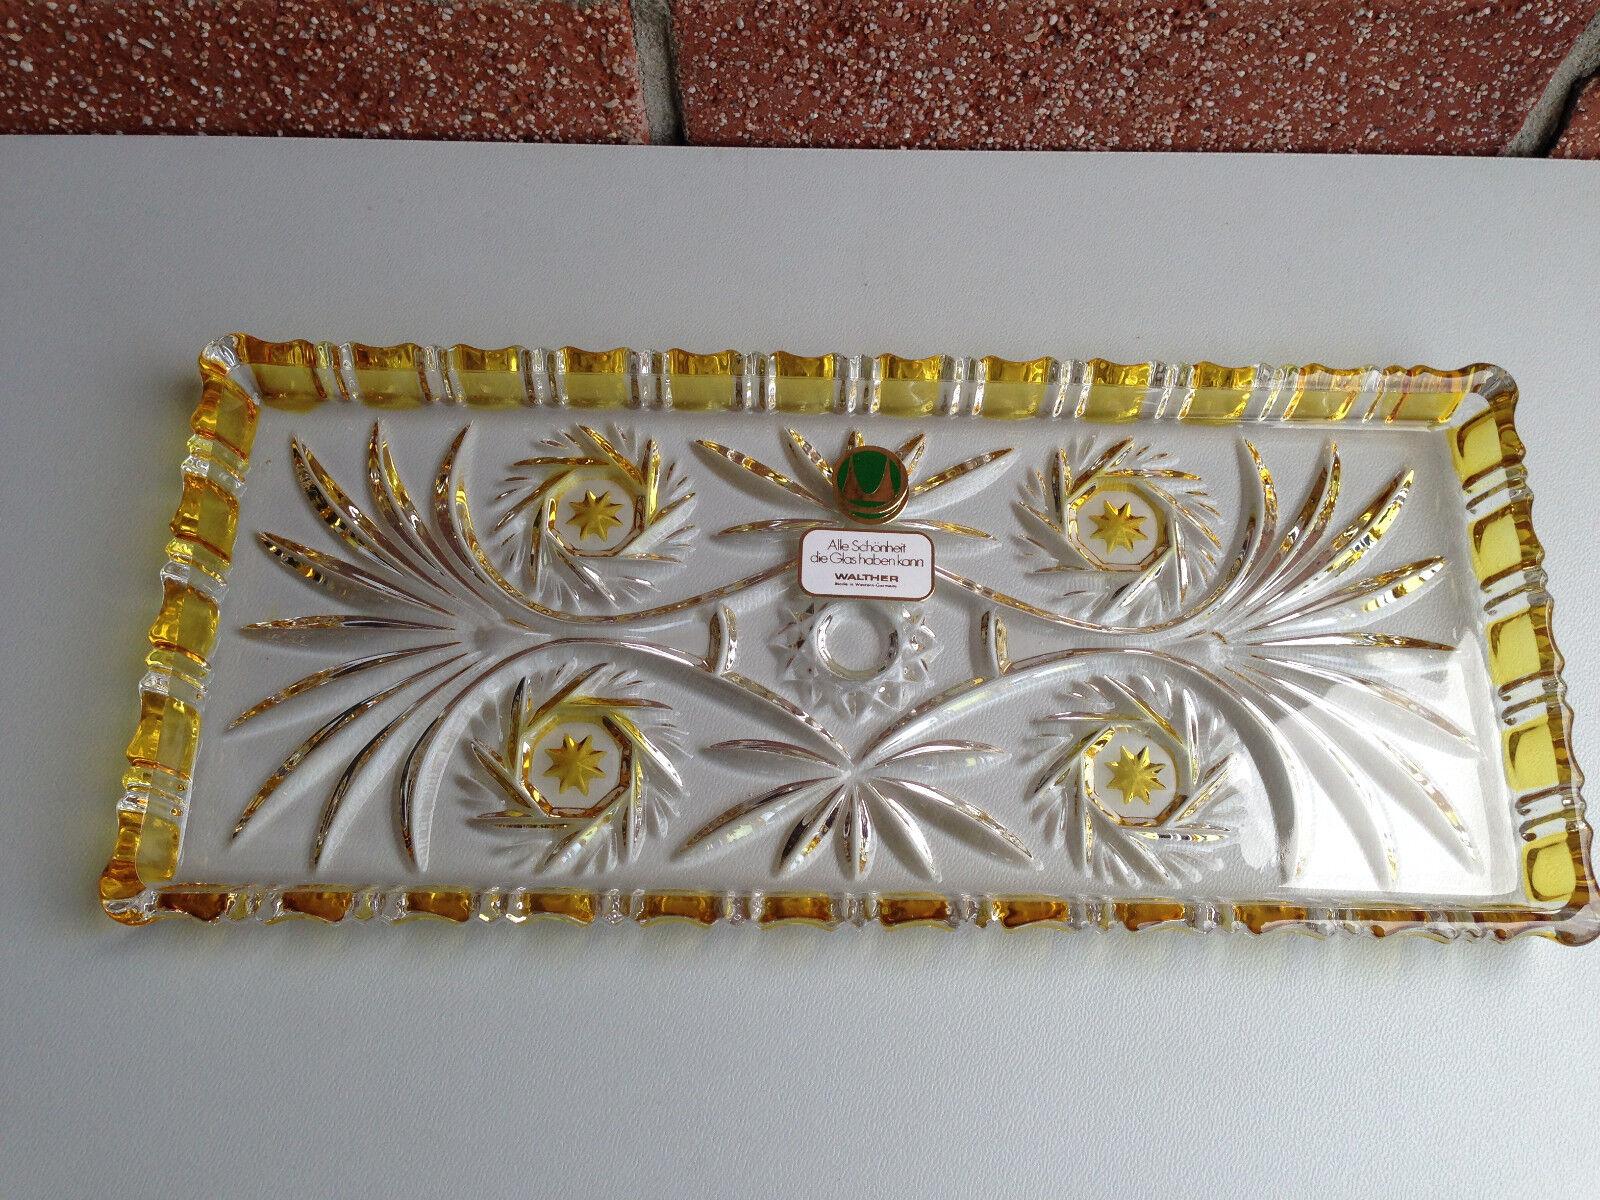 Walther Glas Komet Stollenplatte Stollenplatte Stollenplatte Kuchenteller Tortenplatte | Verwendet in der Haltbarkeit  cf1a42